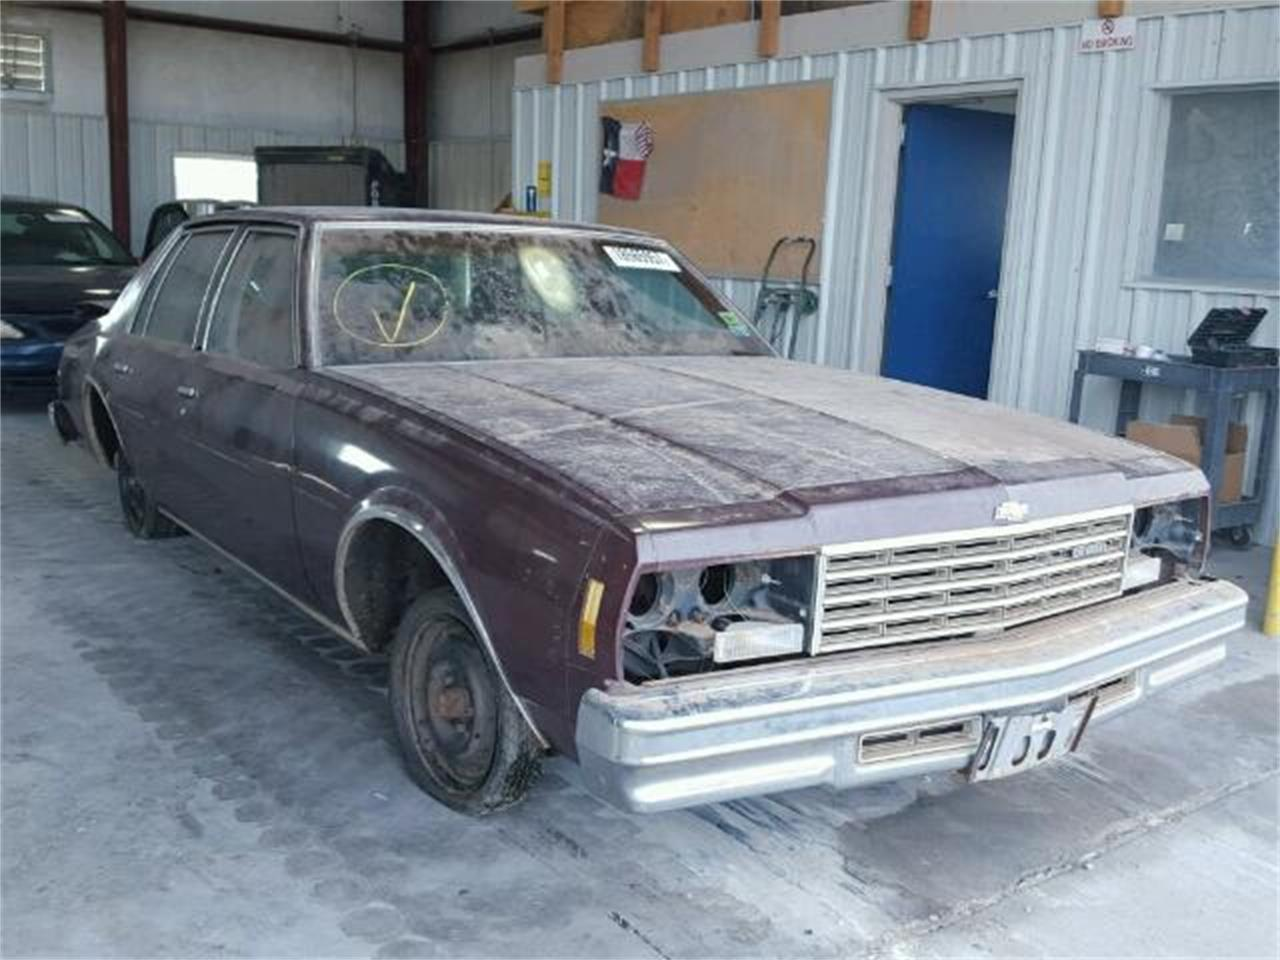 1978 Chevrolet Impala For Sale Classiccars Com Cc 943495